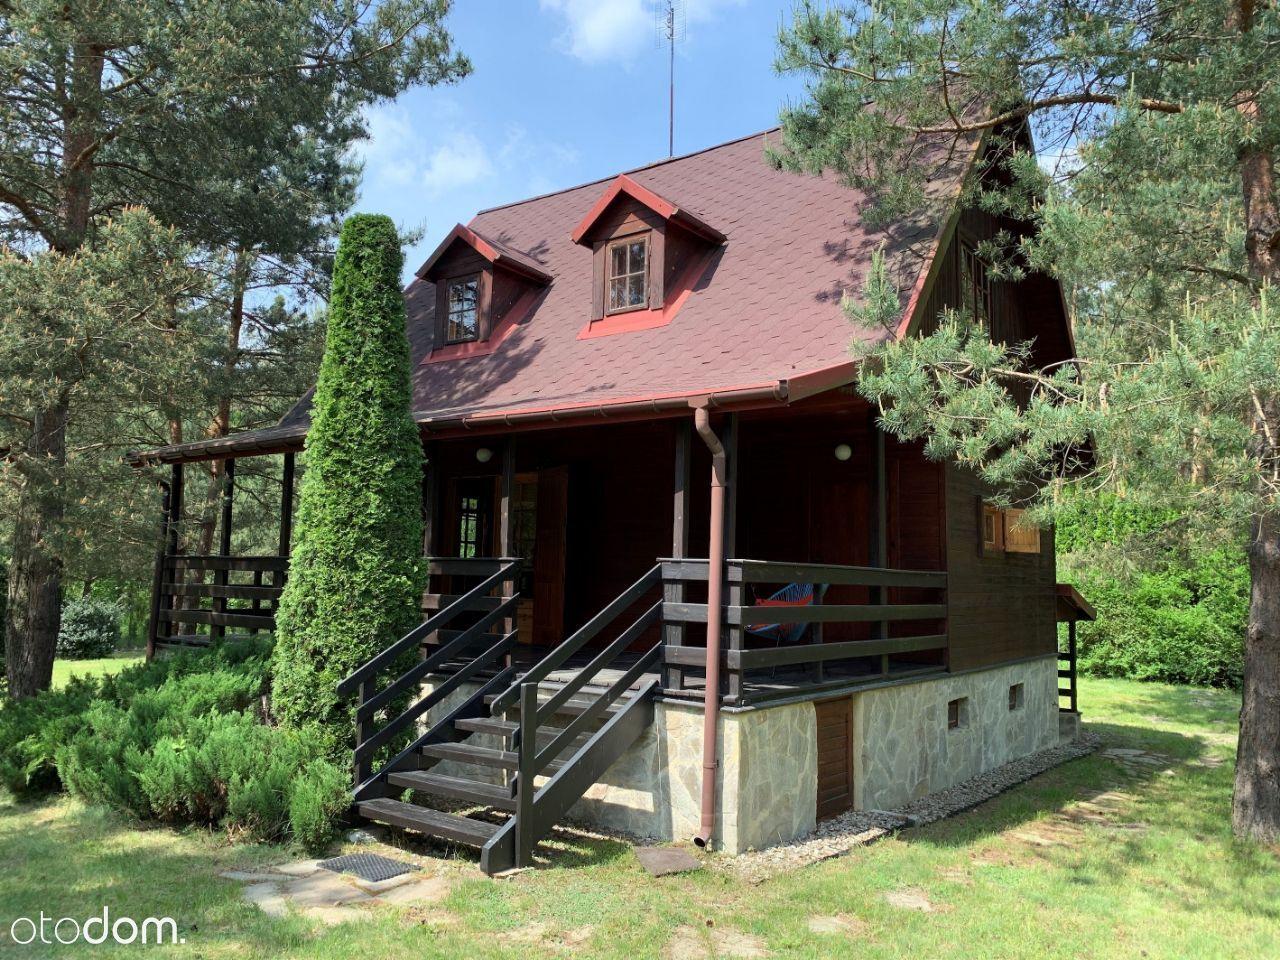 4 Pokoje Dom Na Sprzedaż Trzcianka Garwoliński Mazowieckie 59282337 Wwwotodompl